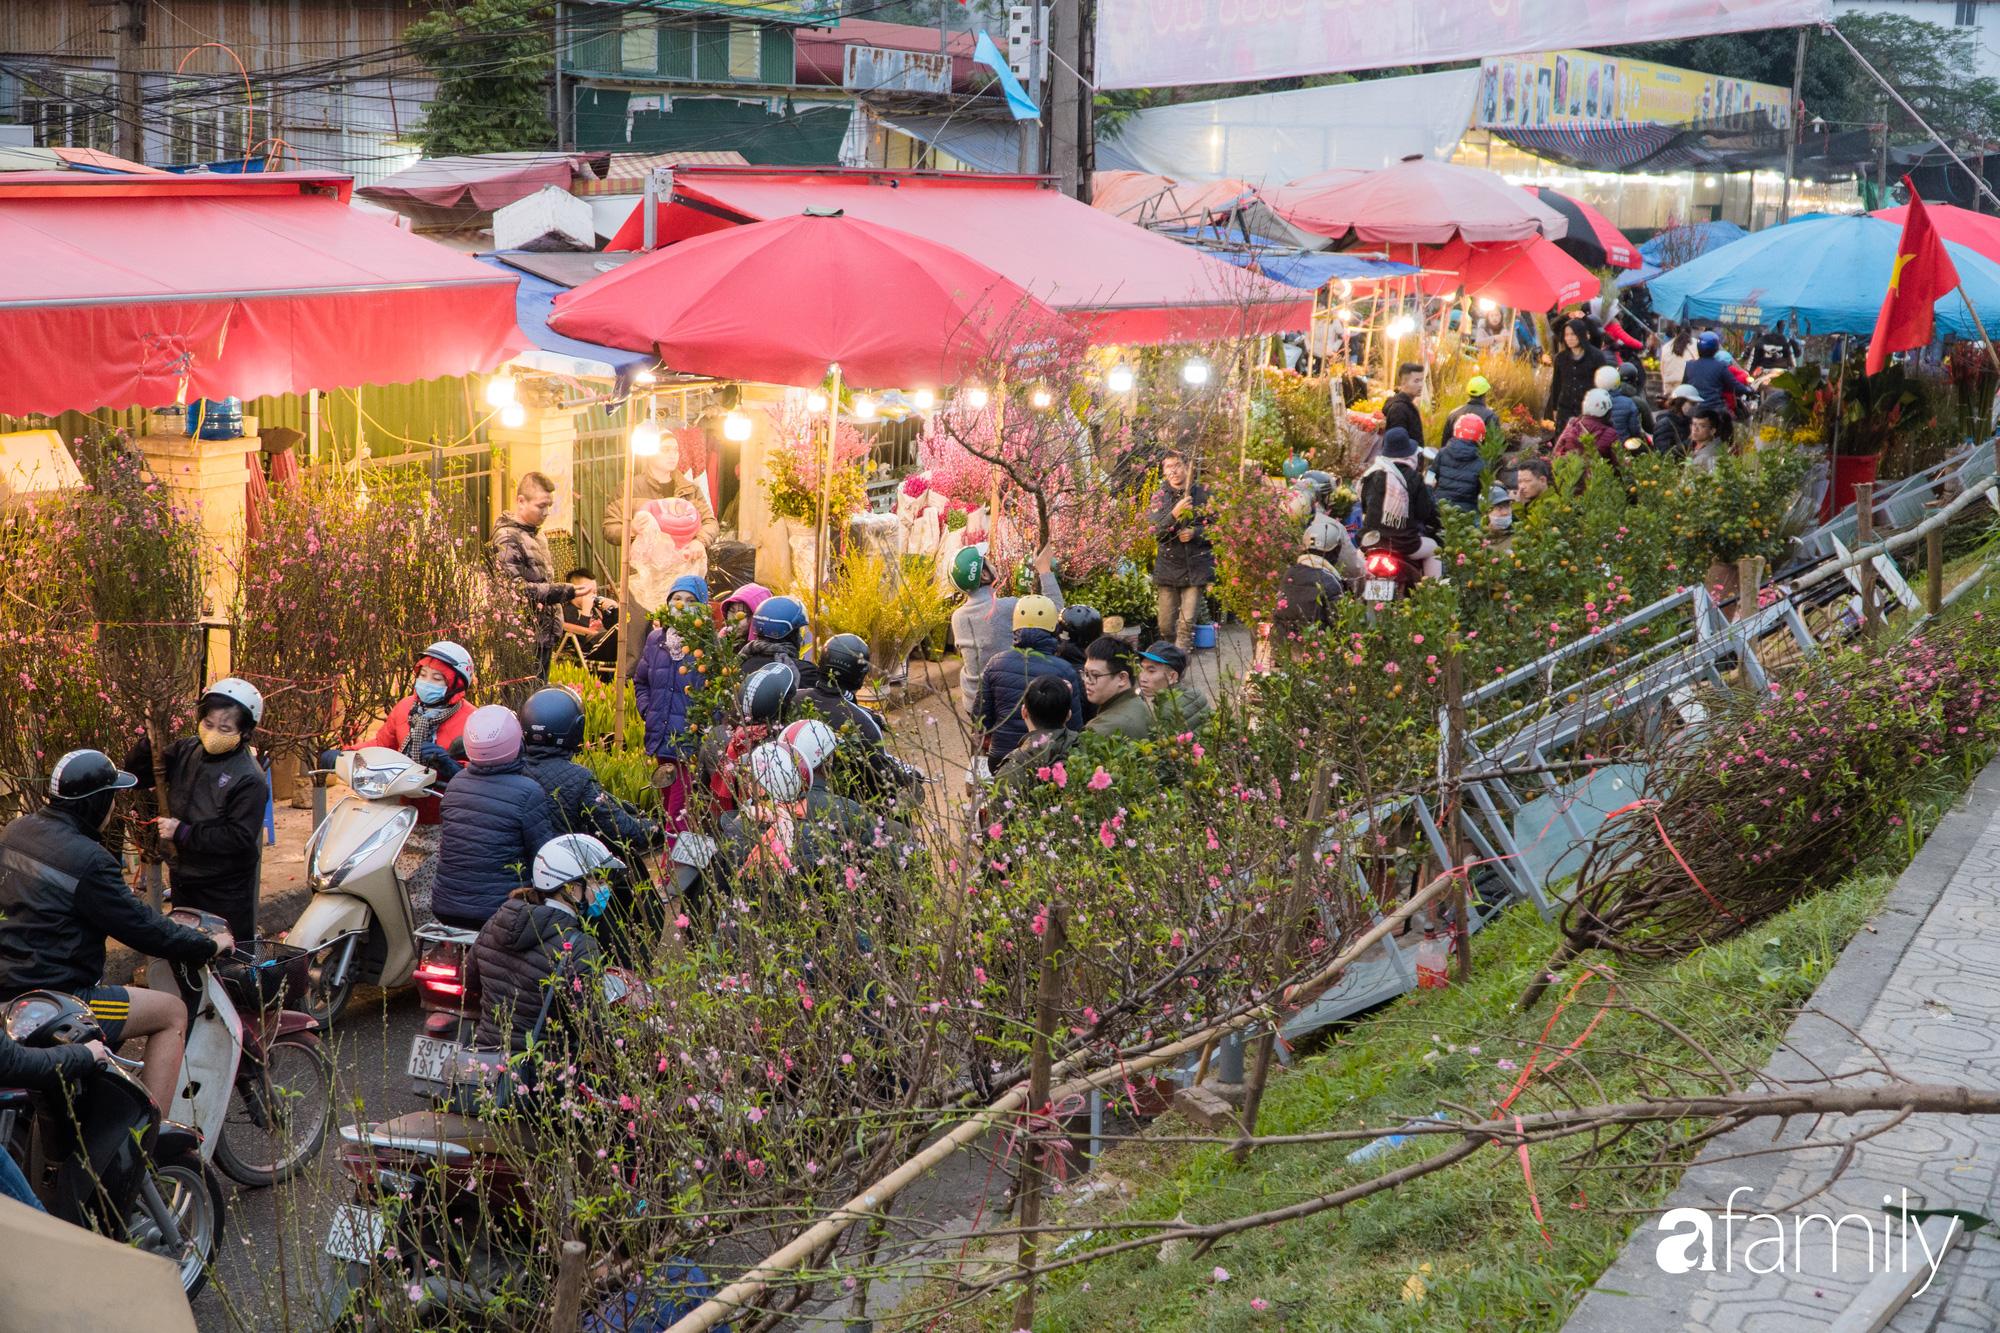 Những khoảnh khắc bình dị ngày cuối năm ở chợ hoa Quảng An, dù lạnh thấu xương nhưng người Hà Nội vẫn nô nức sắm hoa chơi Tết - Ảnh 15.